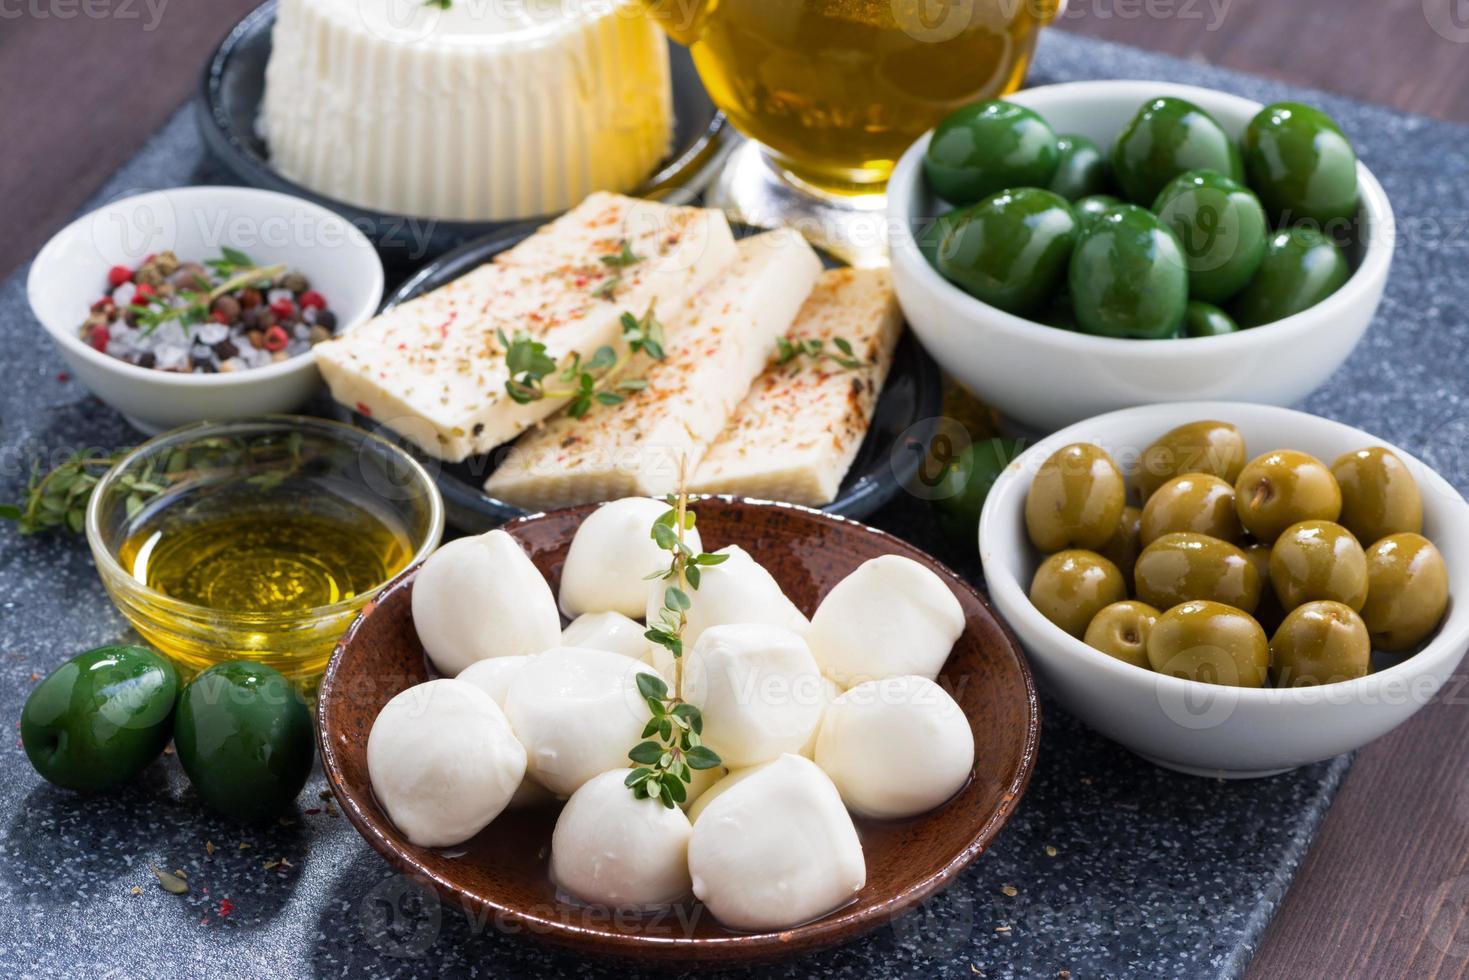 Käse - Mozzarella, Feta und Gurken foto